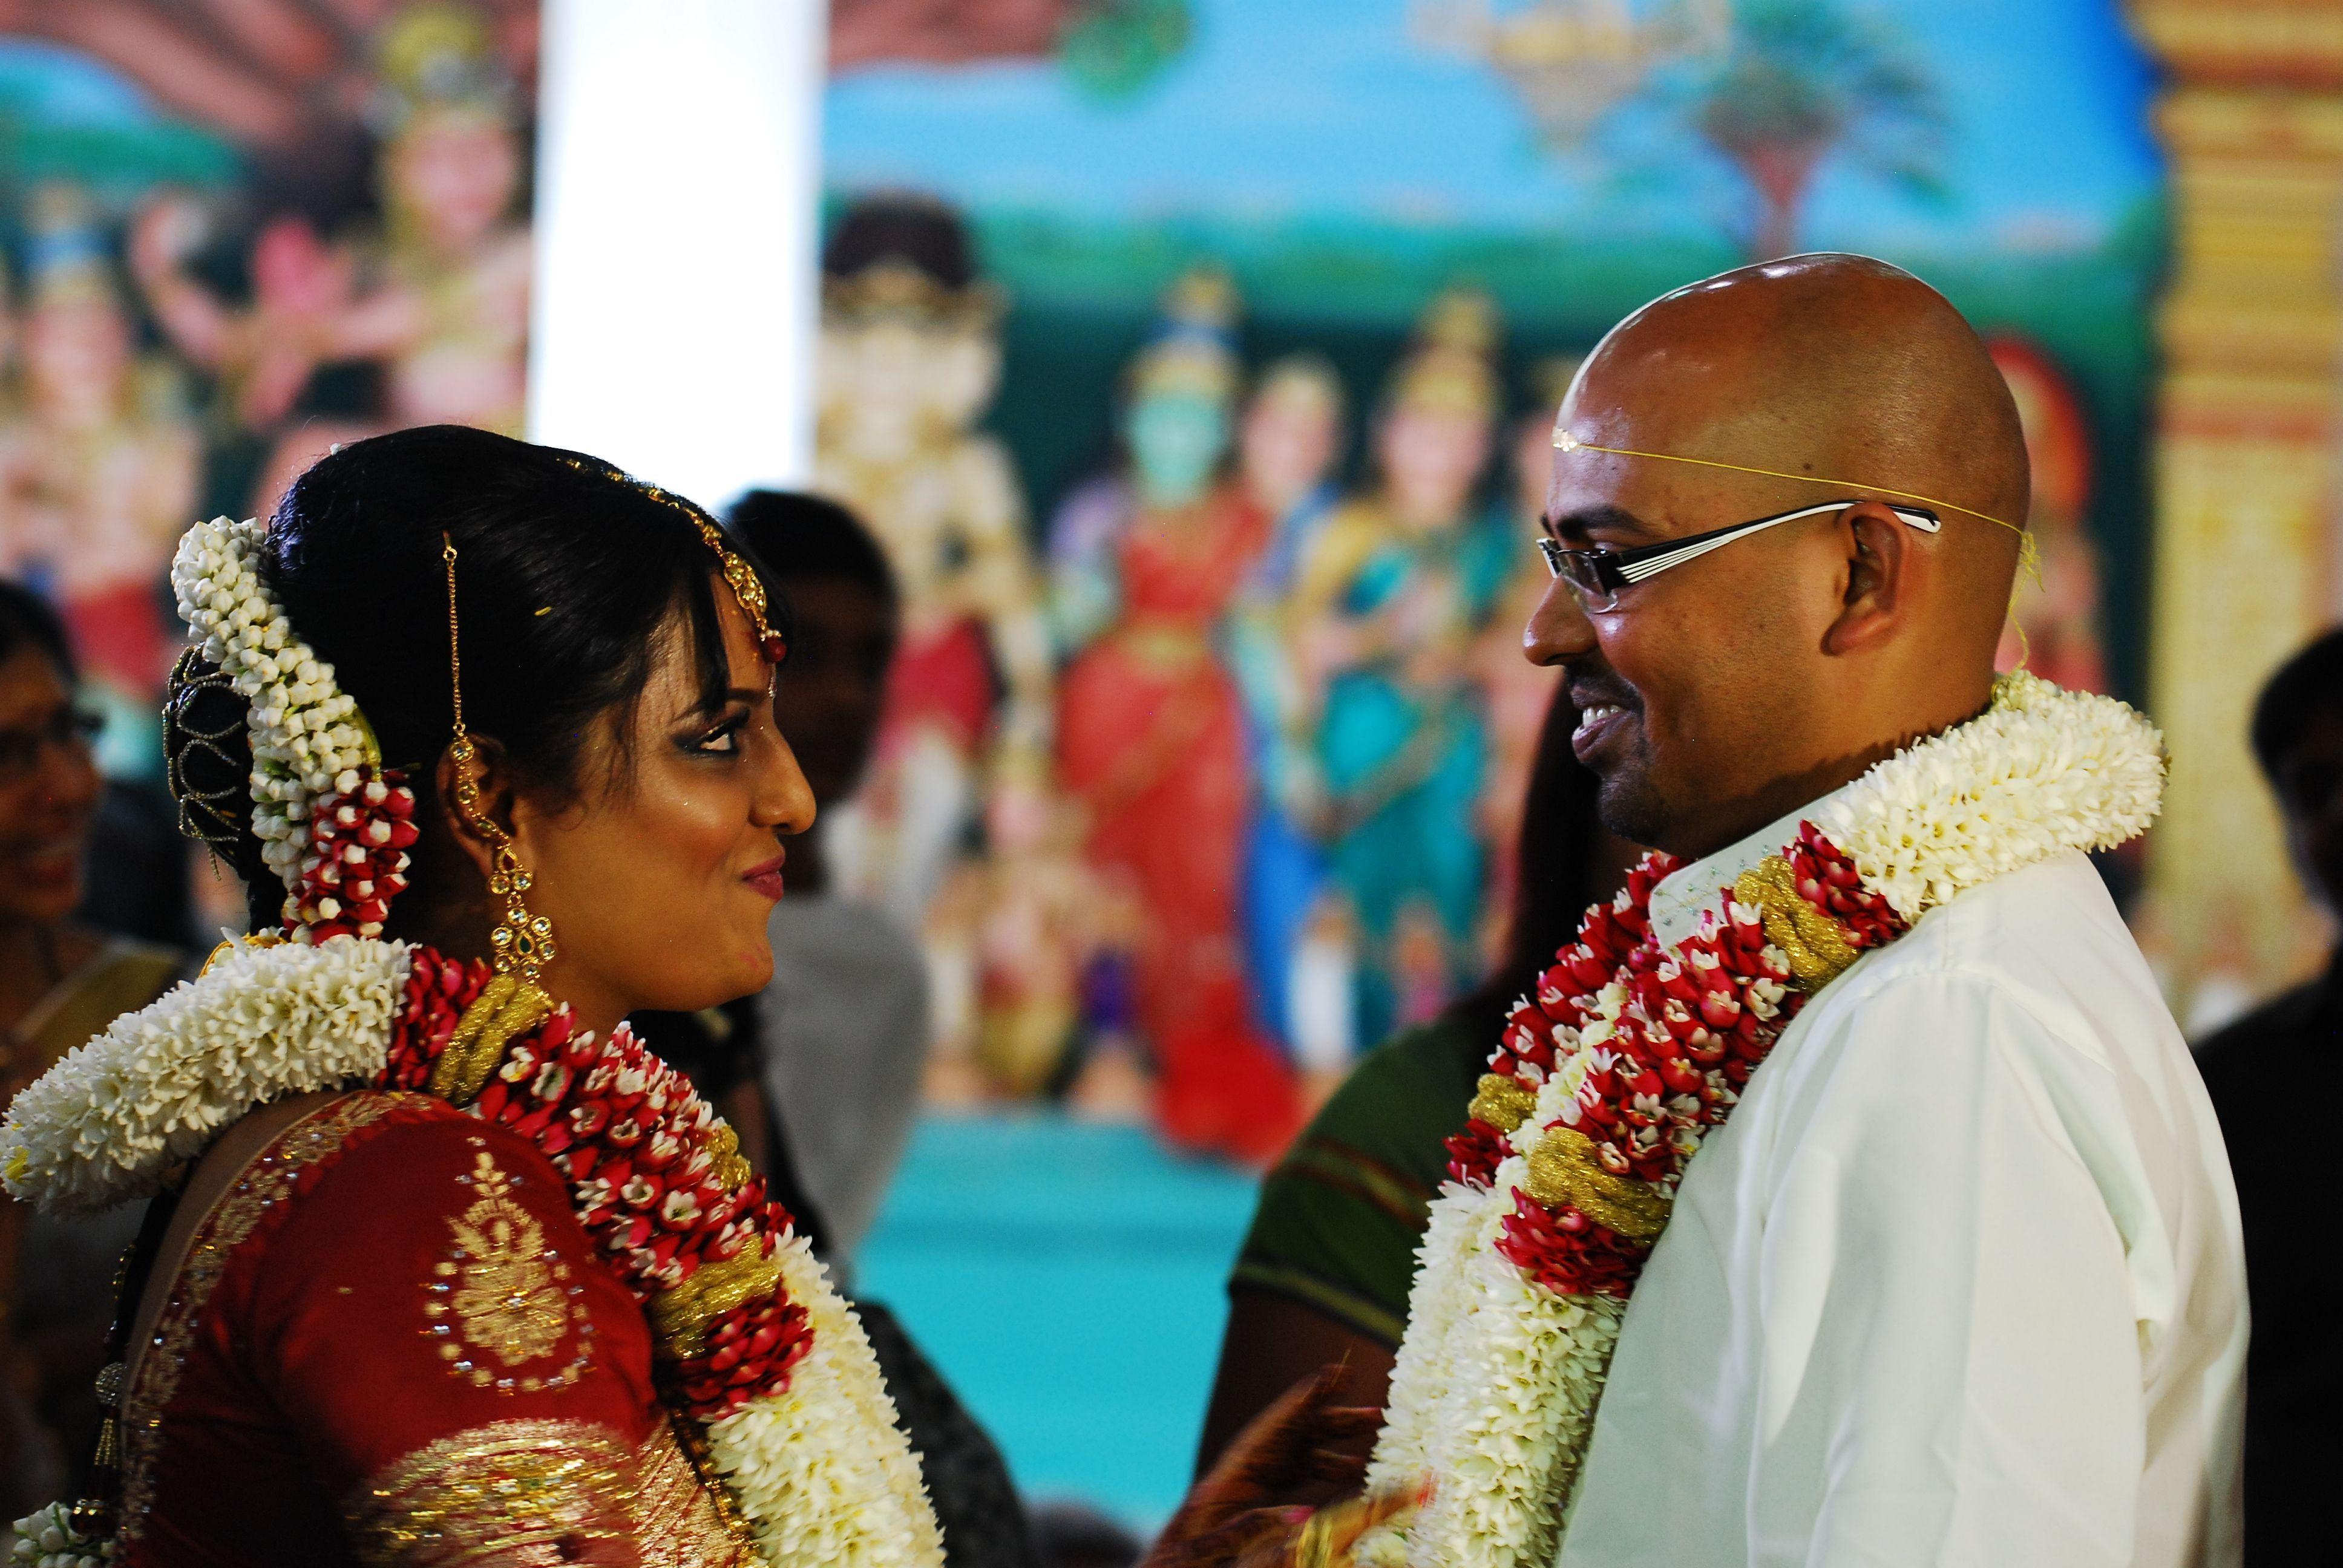 CÓMO VER UNA BODA INDIA EN KUALA LUMPUR: UNA EXPERIENCIA INOLVIDABLE